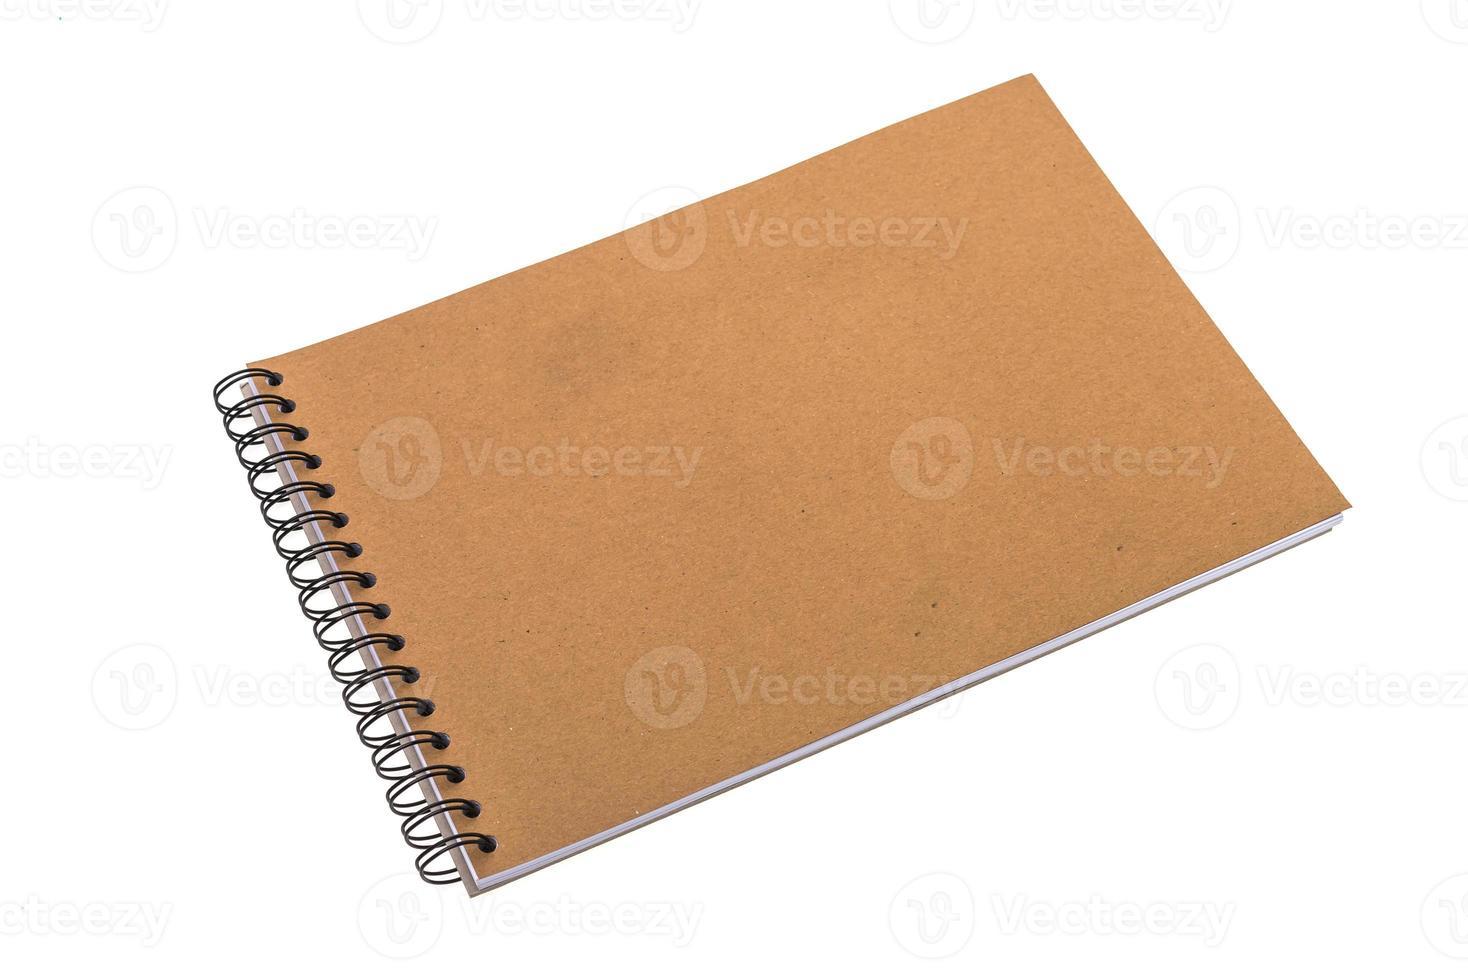 carnet de notes vide vide photo